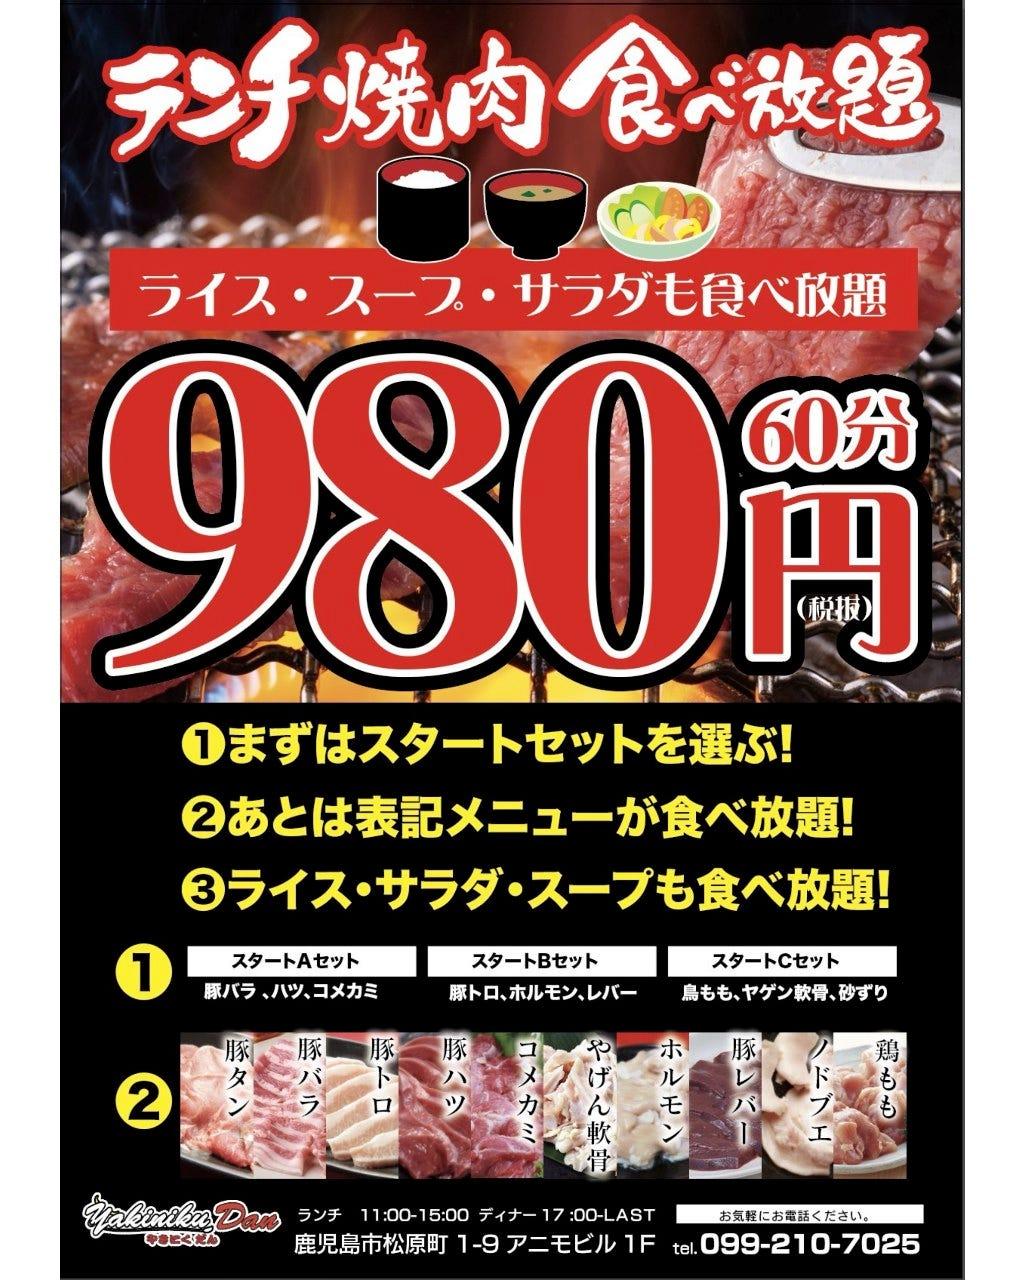 新メニュー登場! 60分980円。焼肉ランチ食べ放題!!